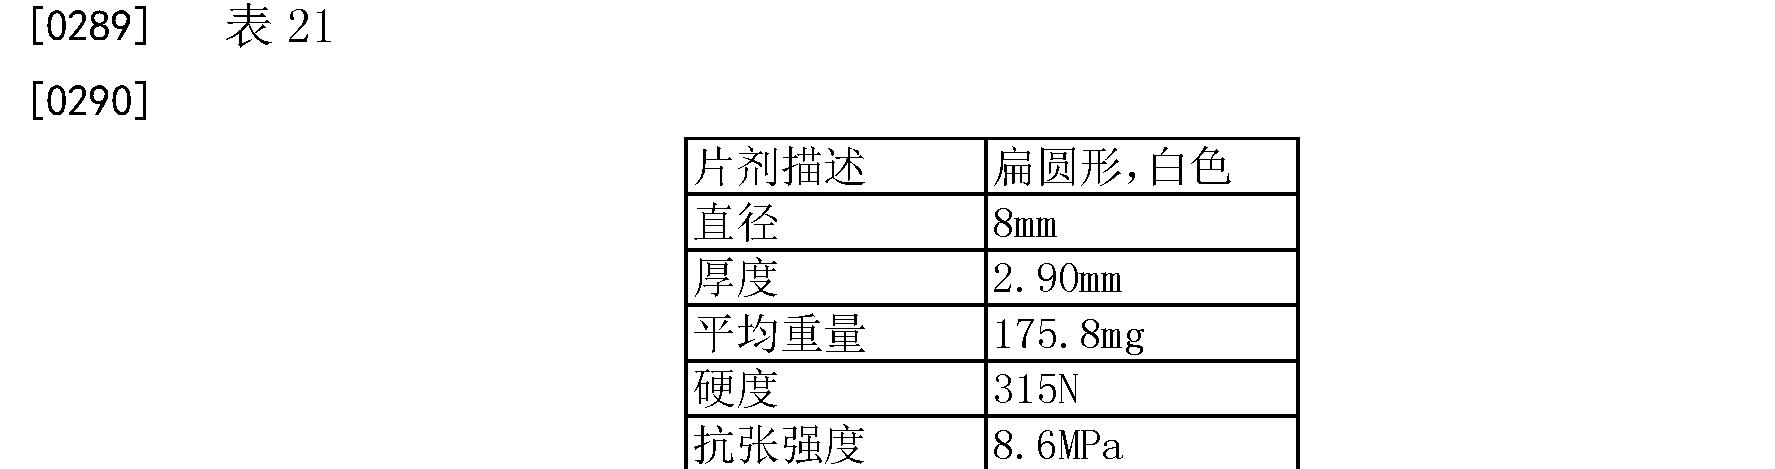 Figure CN101394840BD00242